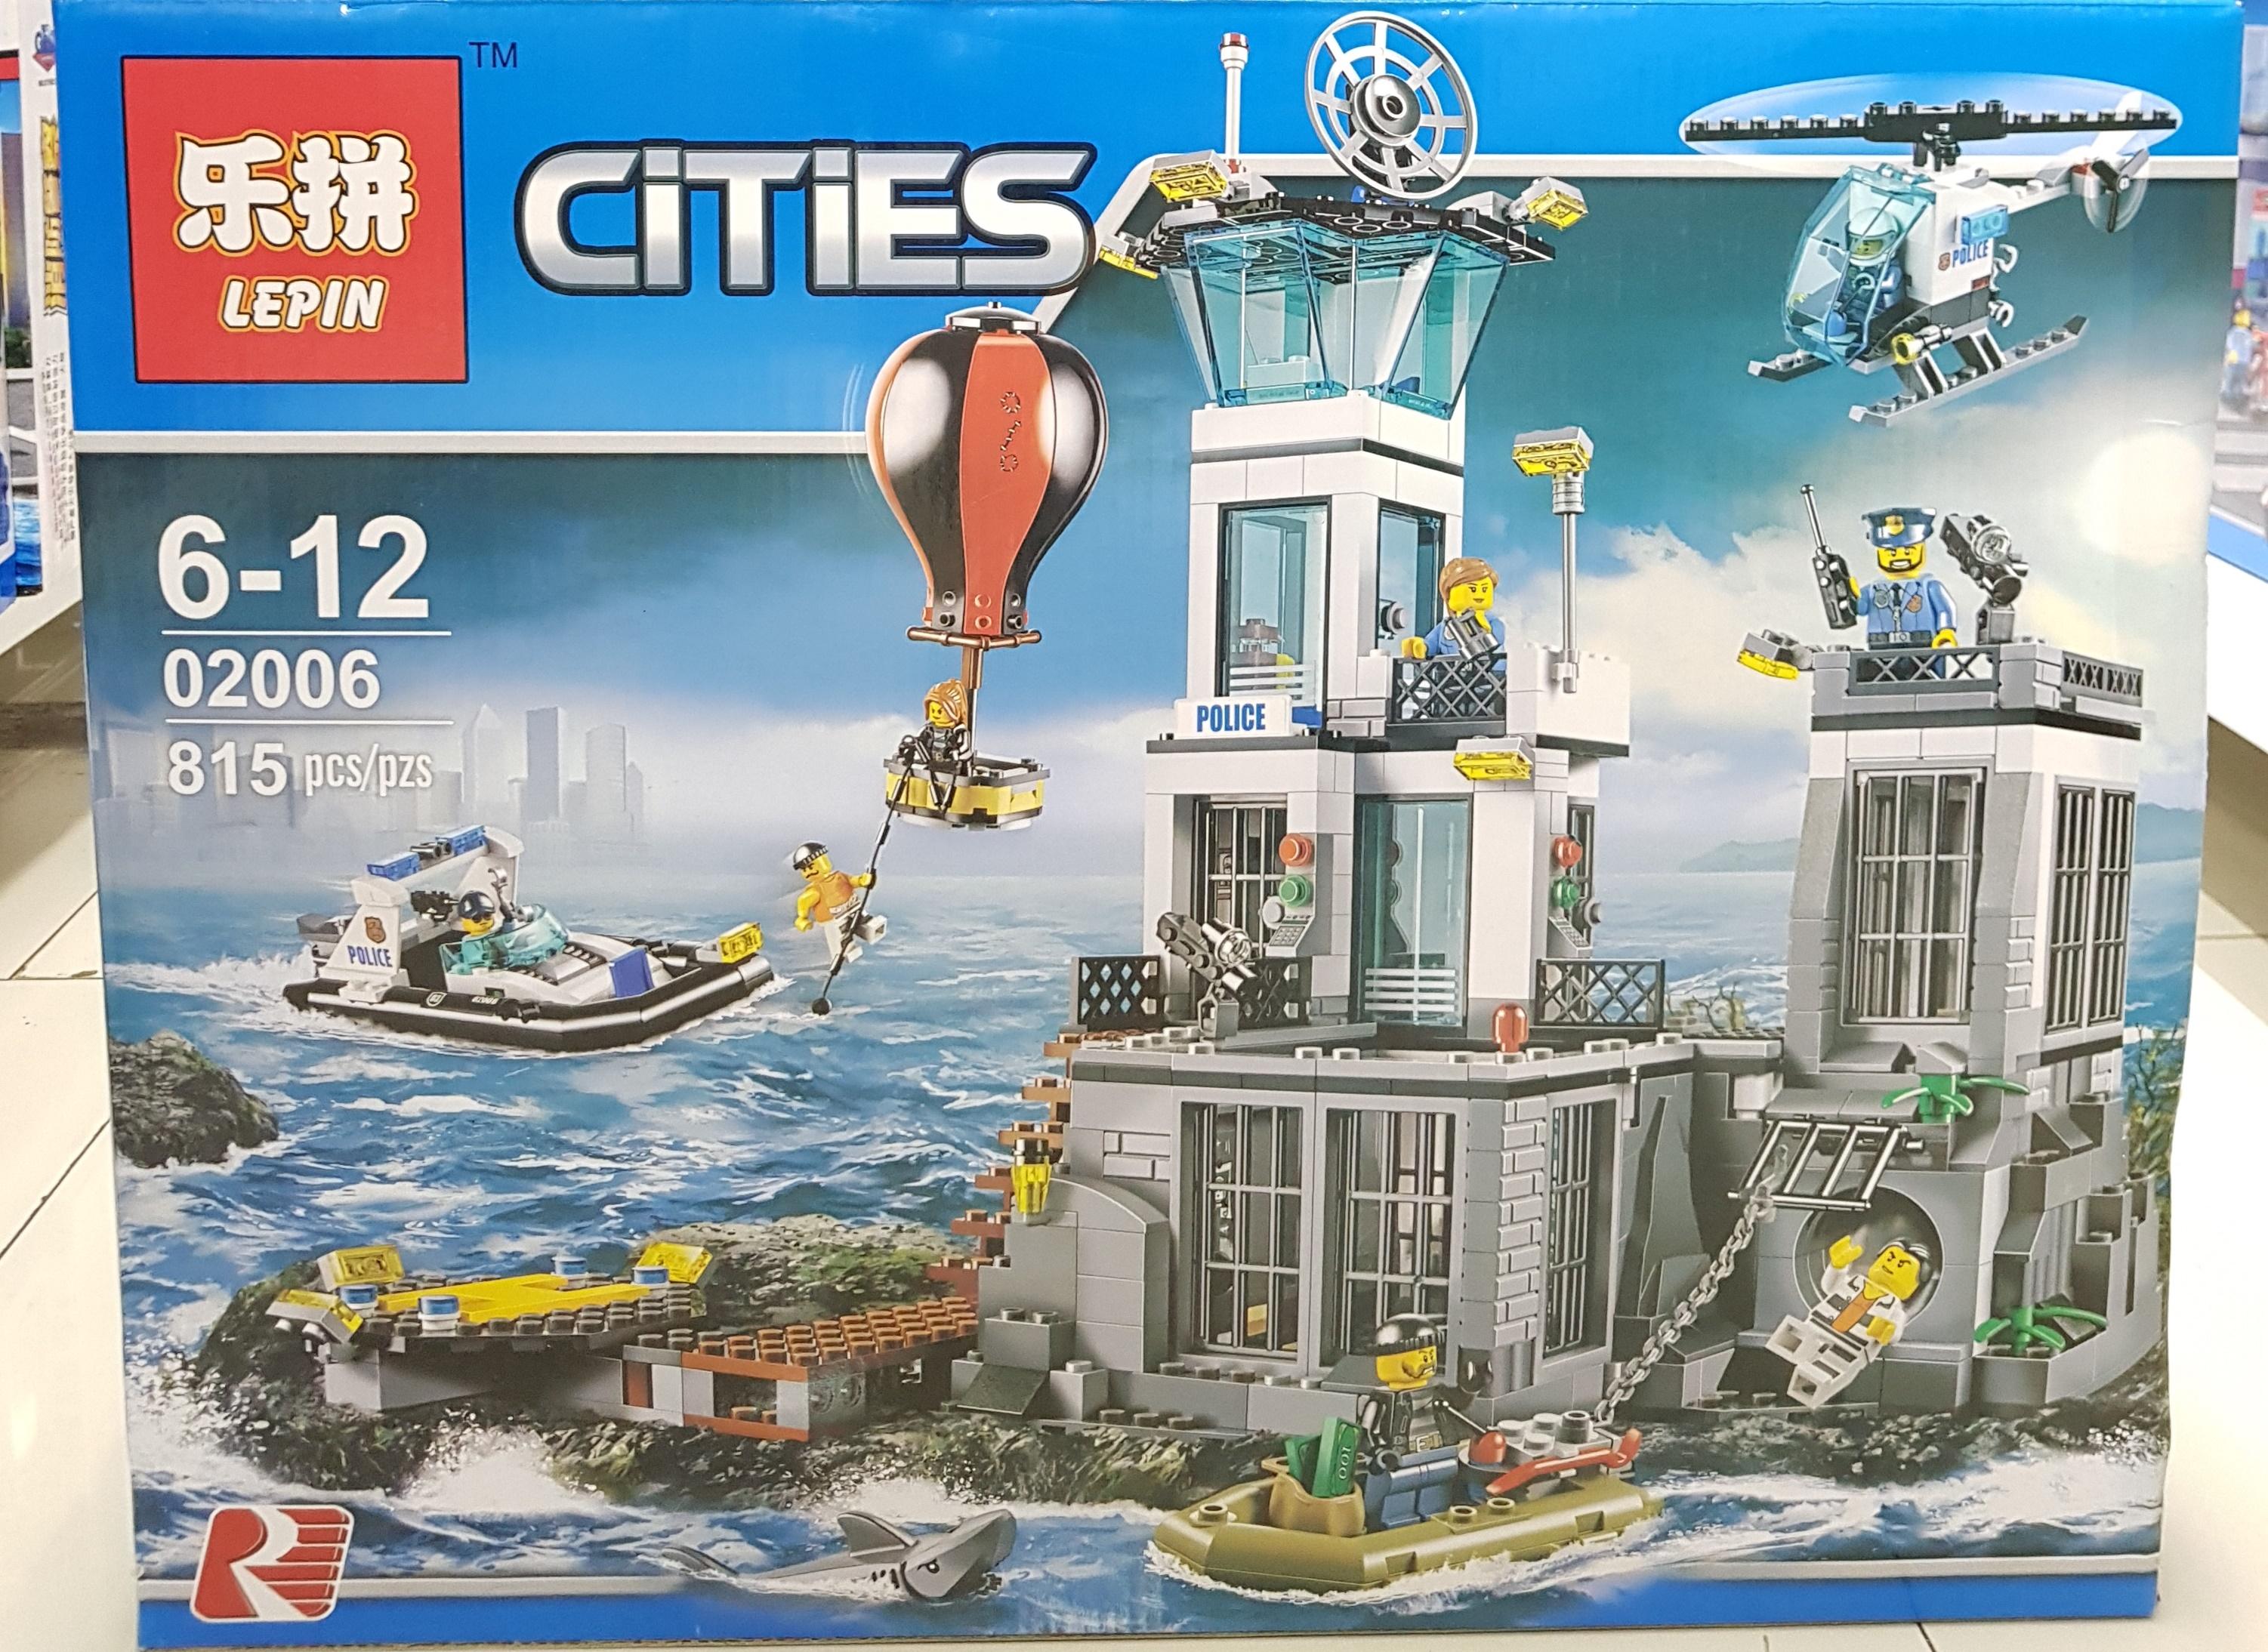 LEPIN CITIES 02006 (815ชิ้น)